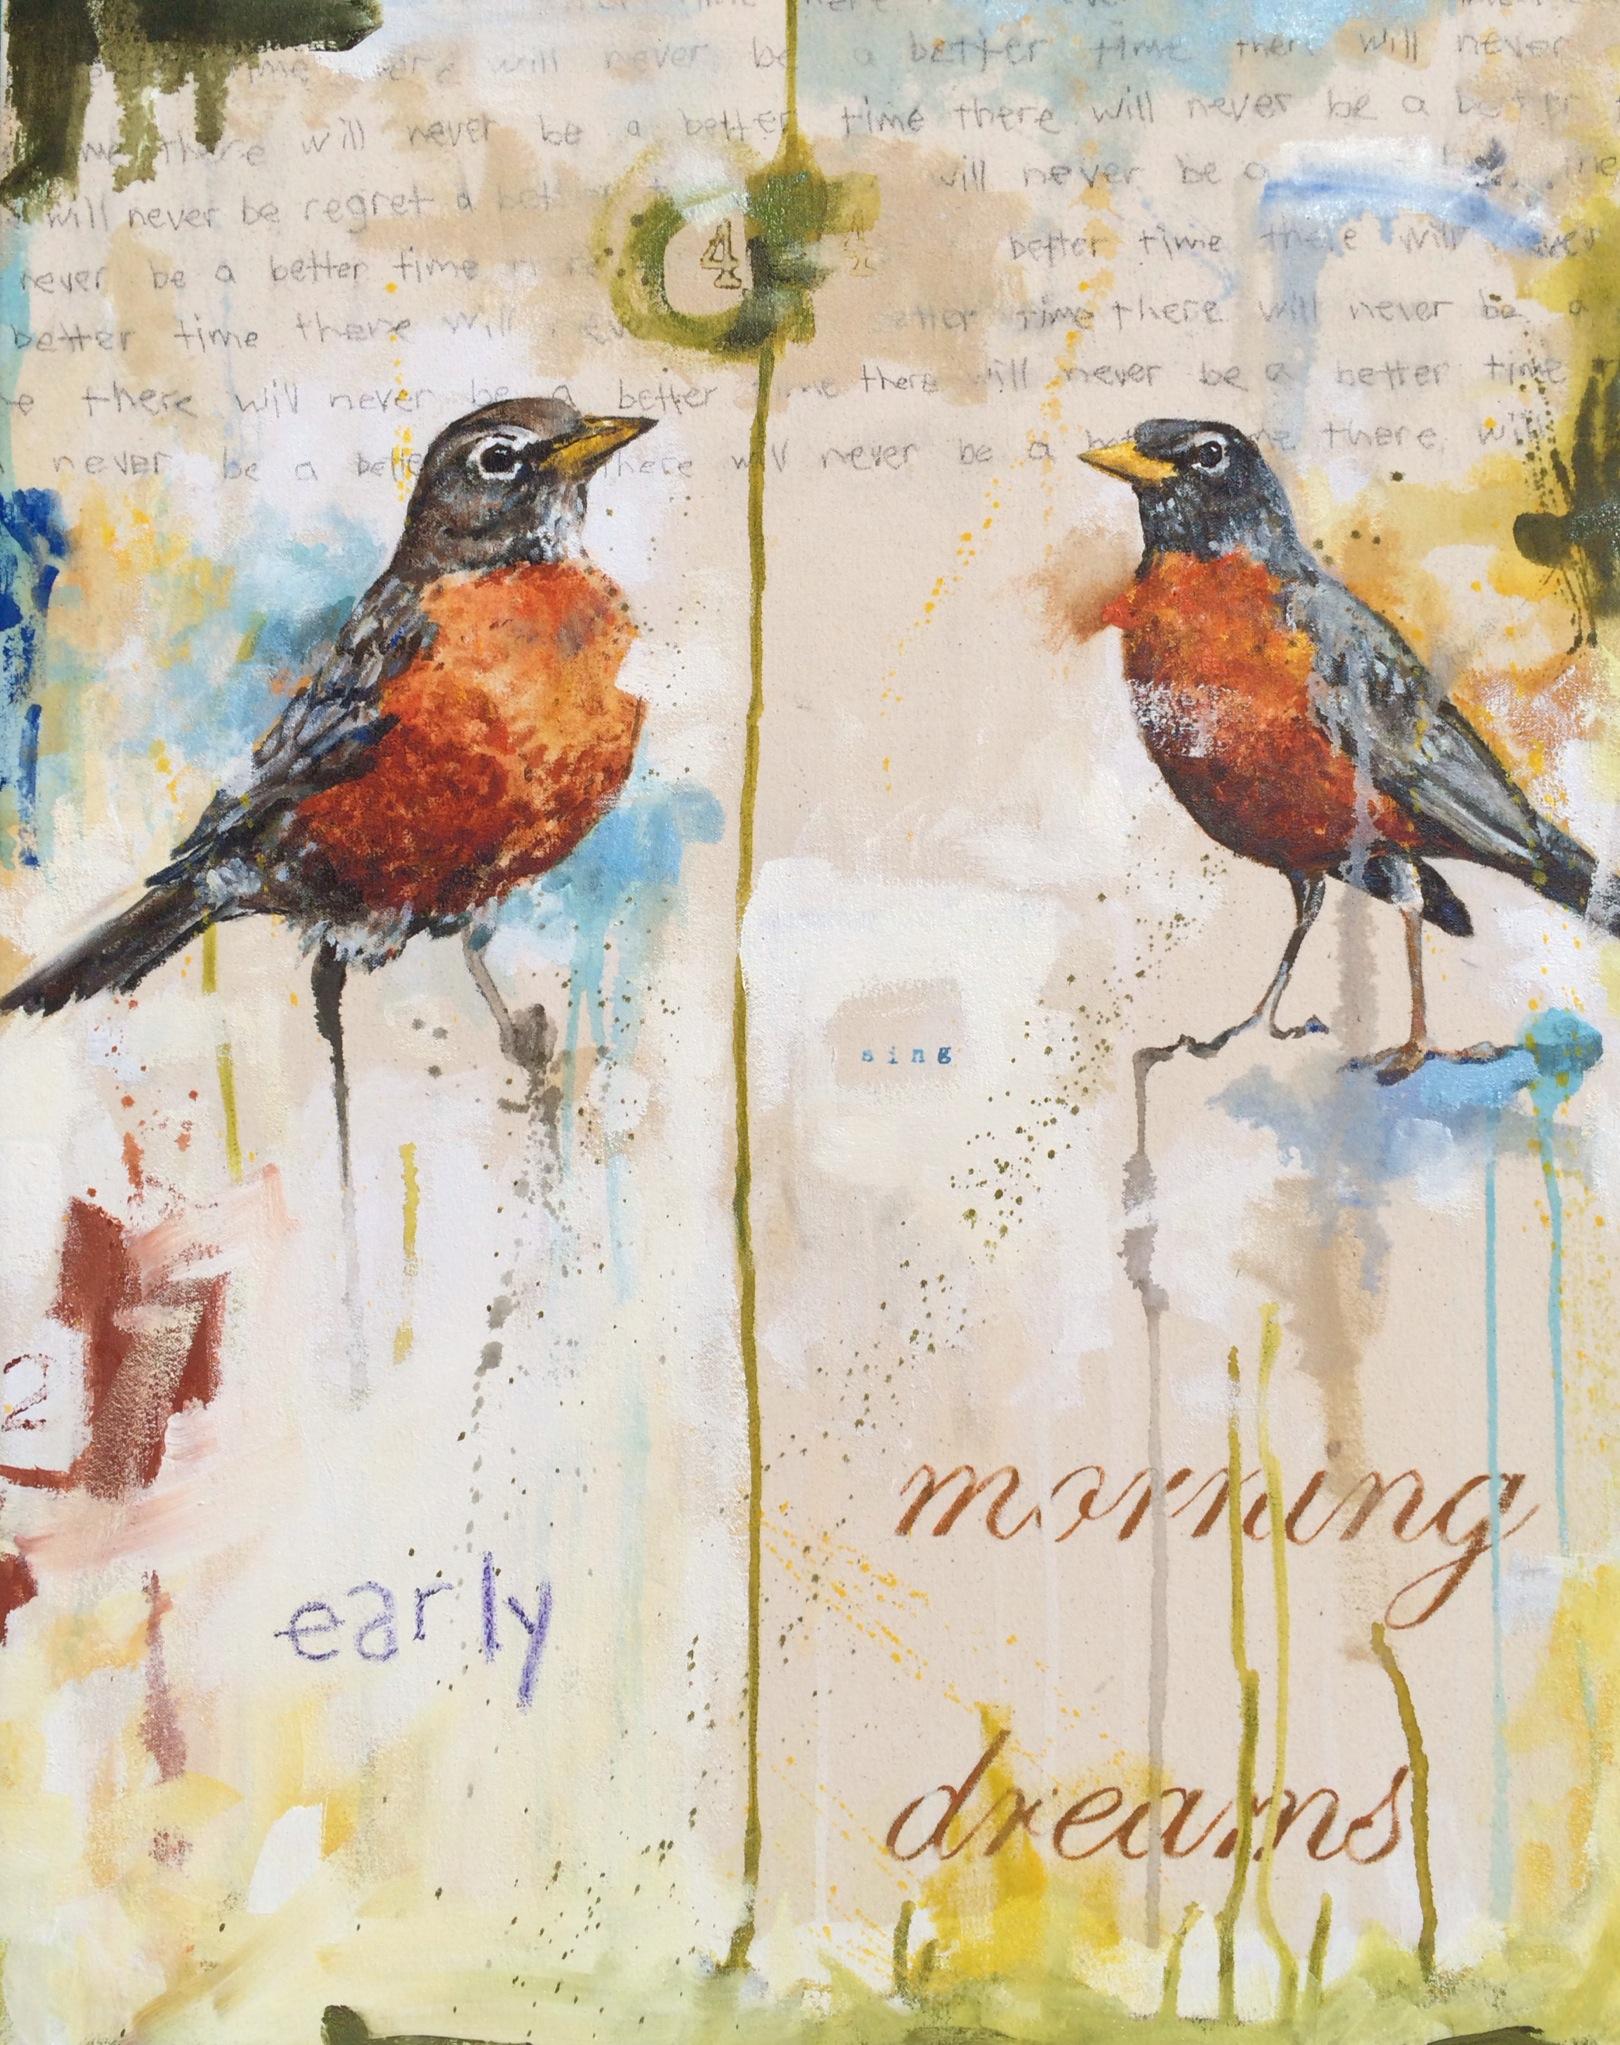 Early Morning Dreams